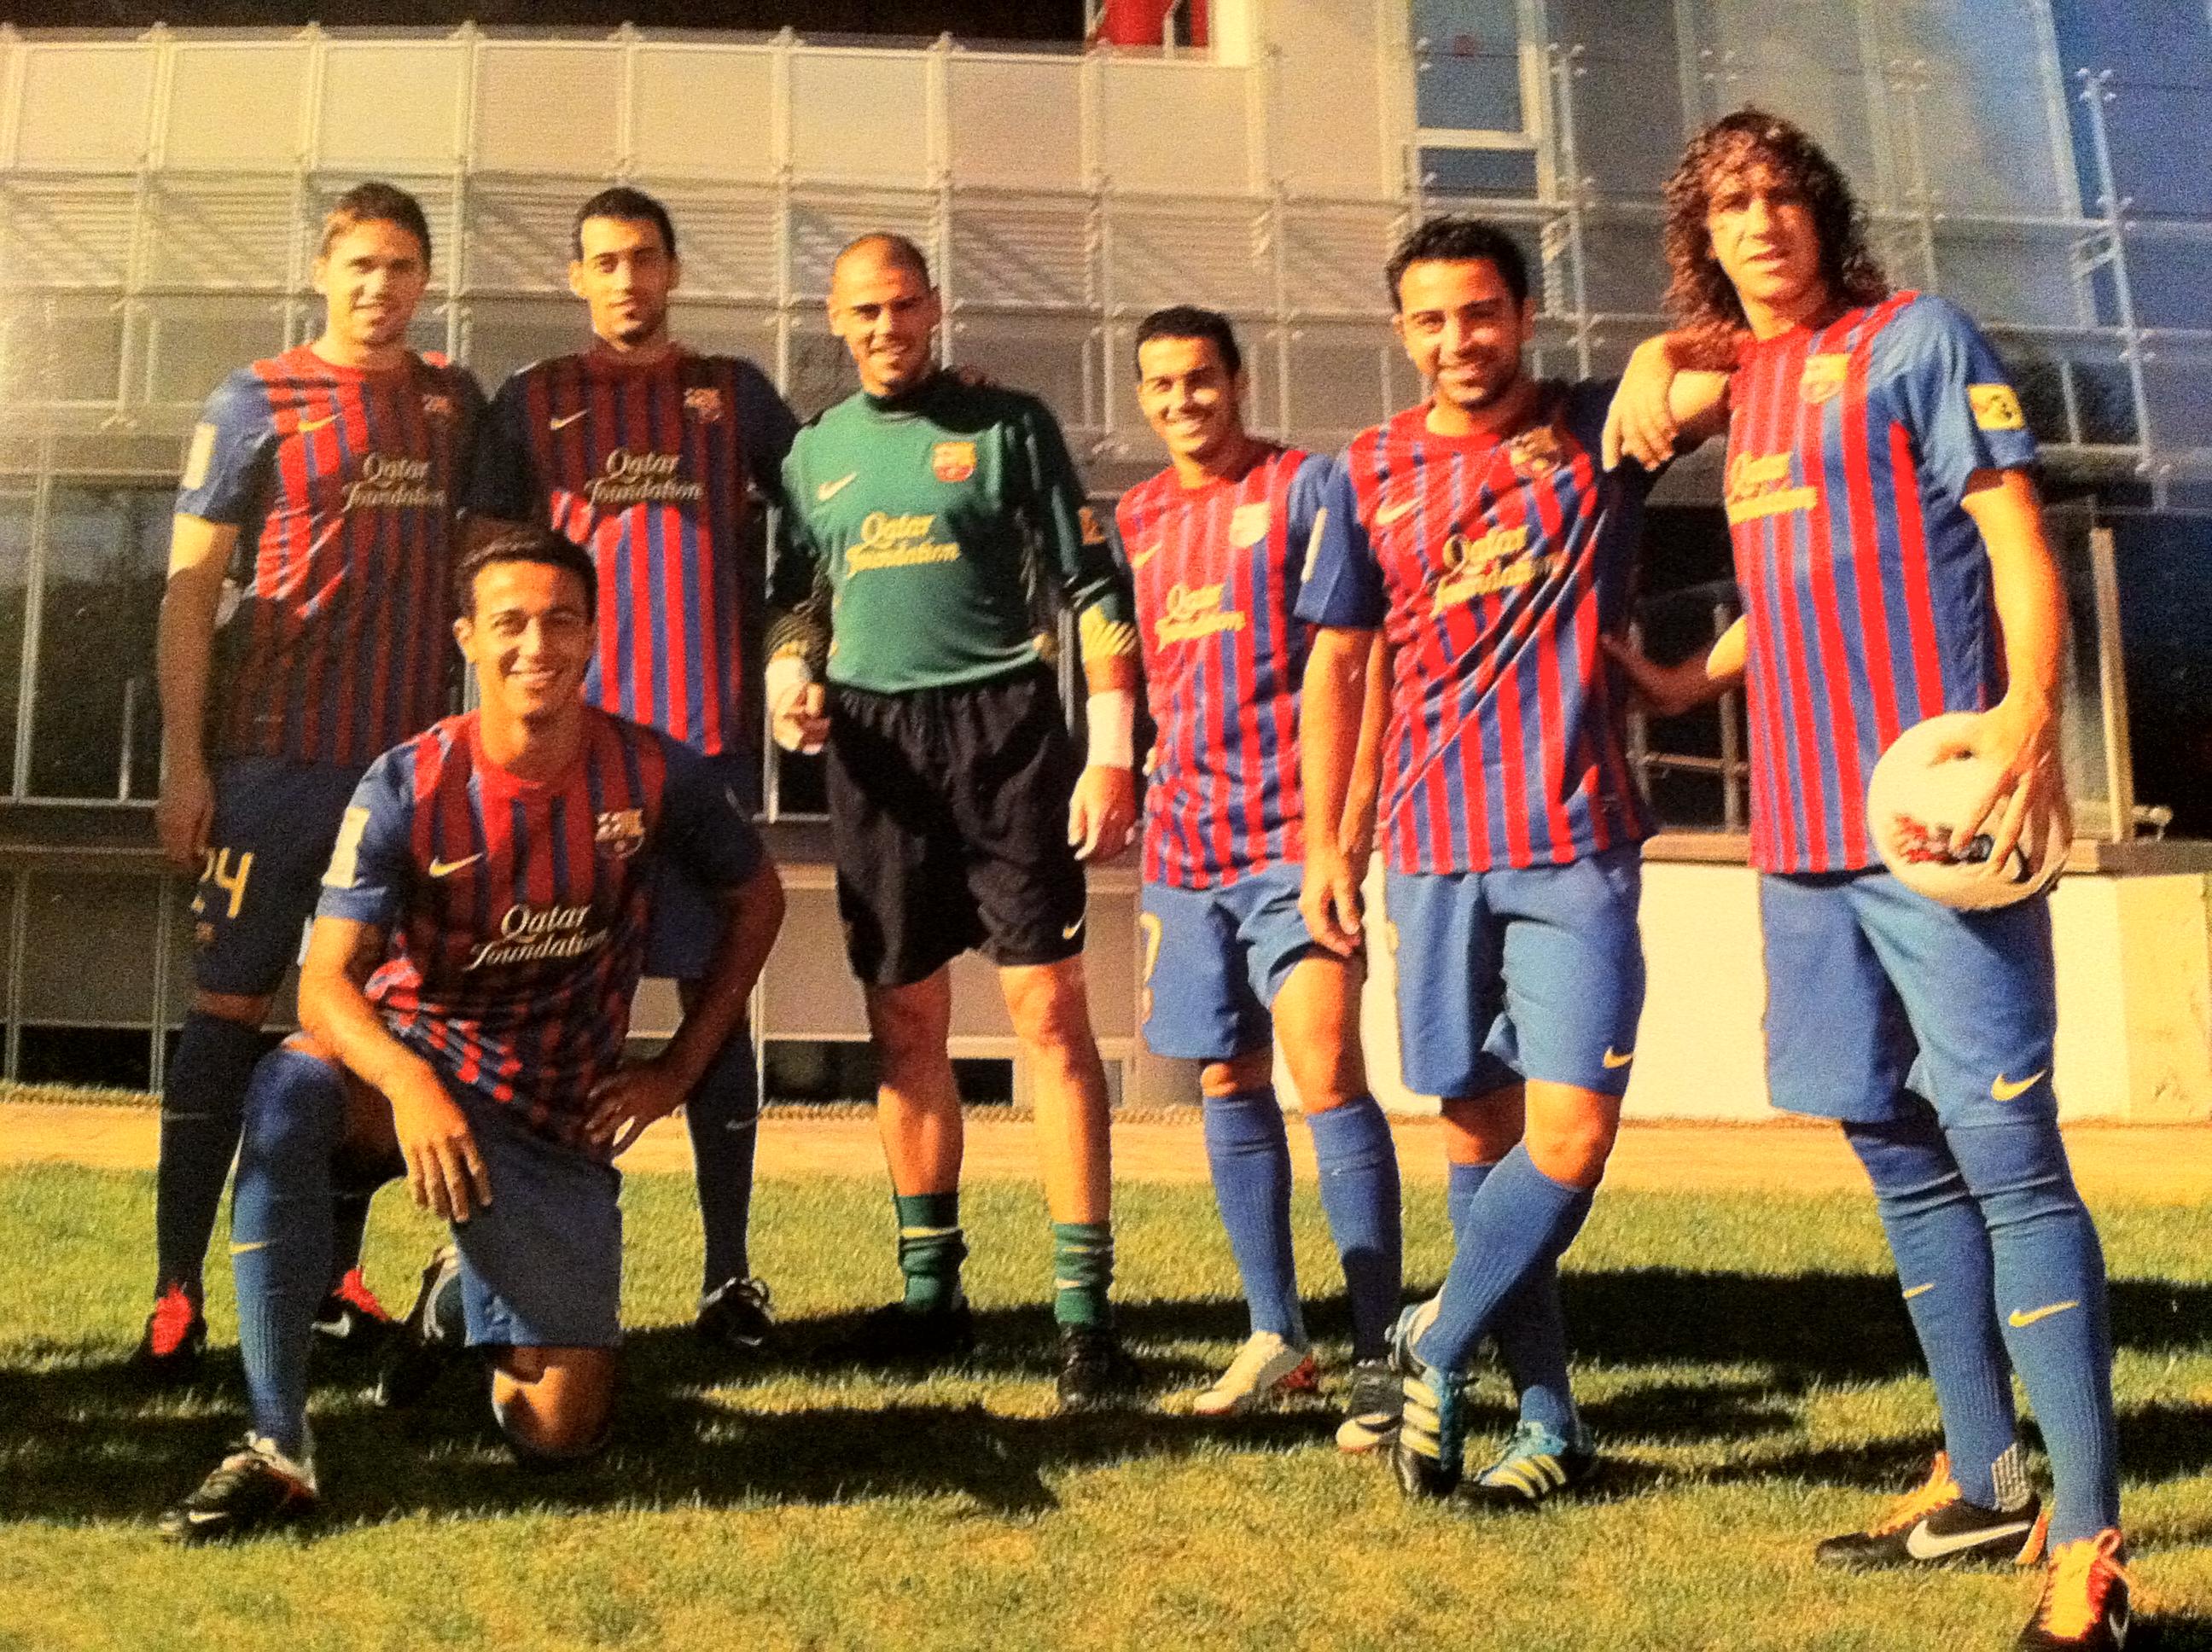 In Pictures: Barcelona's brand new La Masia | Goal.com